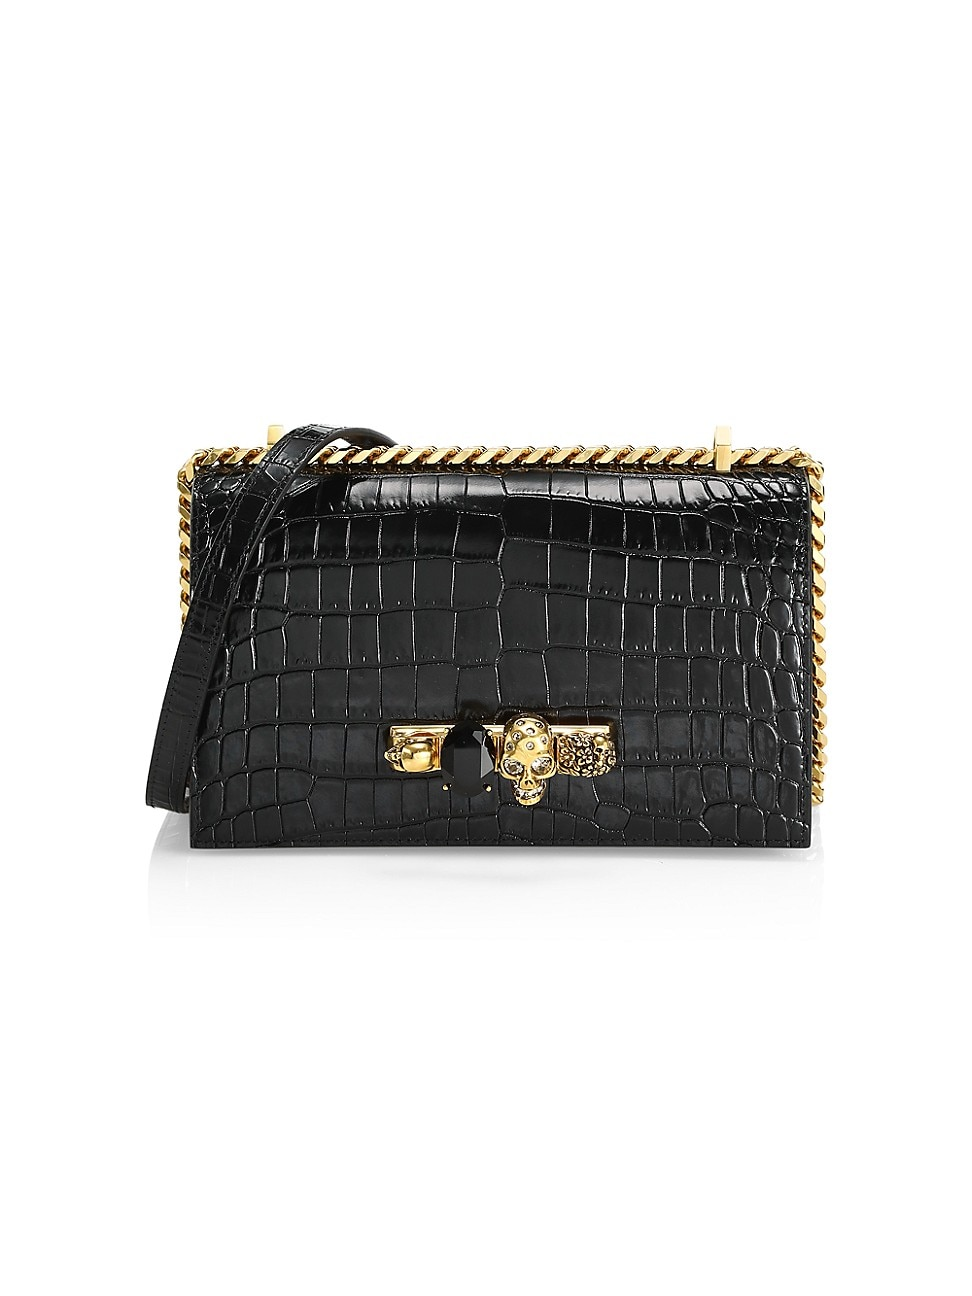 Alexander Mcqueen Women's The Croc-embossed Jewelled Leather Satchel In Black